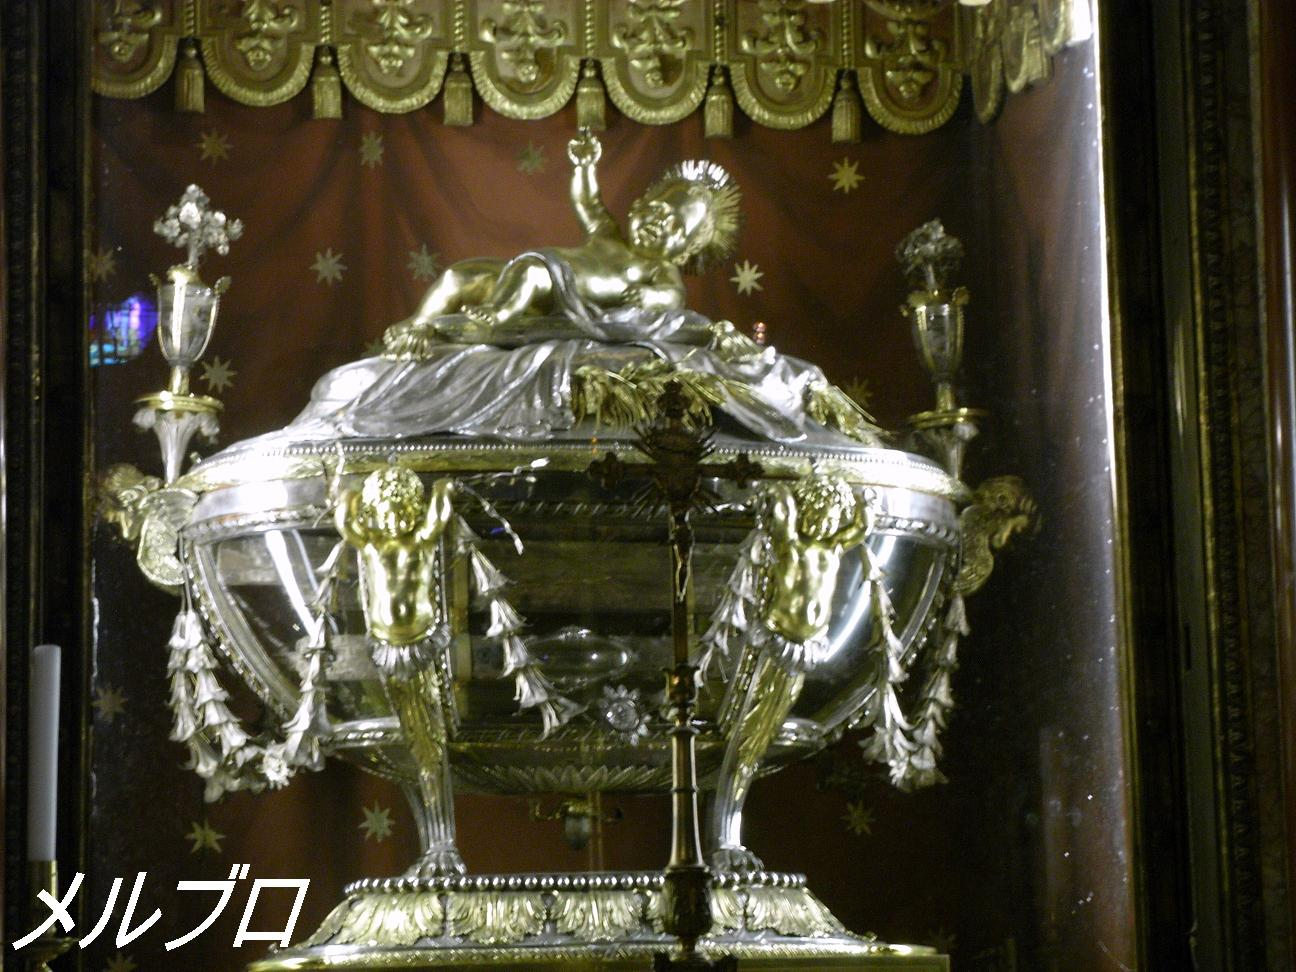 聖遺物のかいば桶の木片